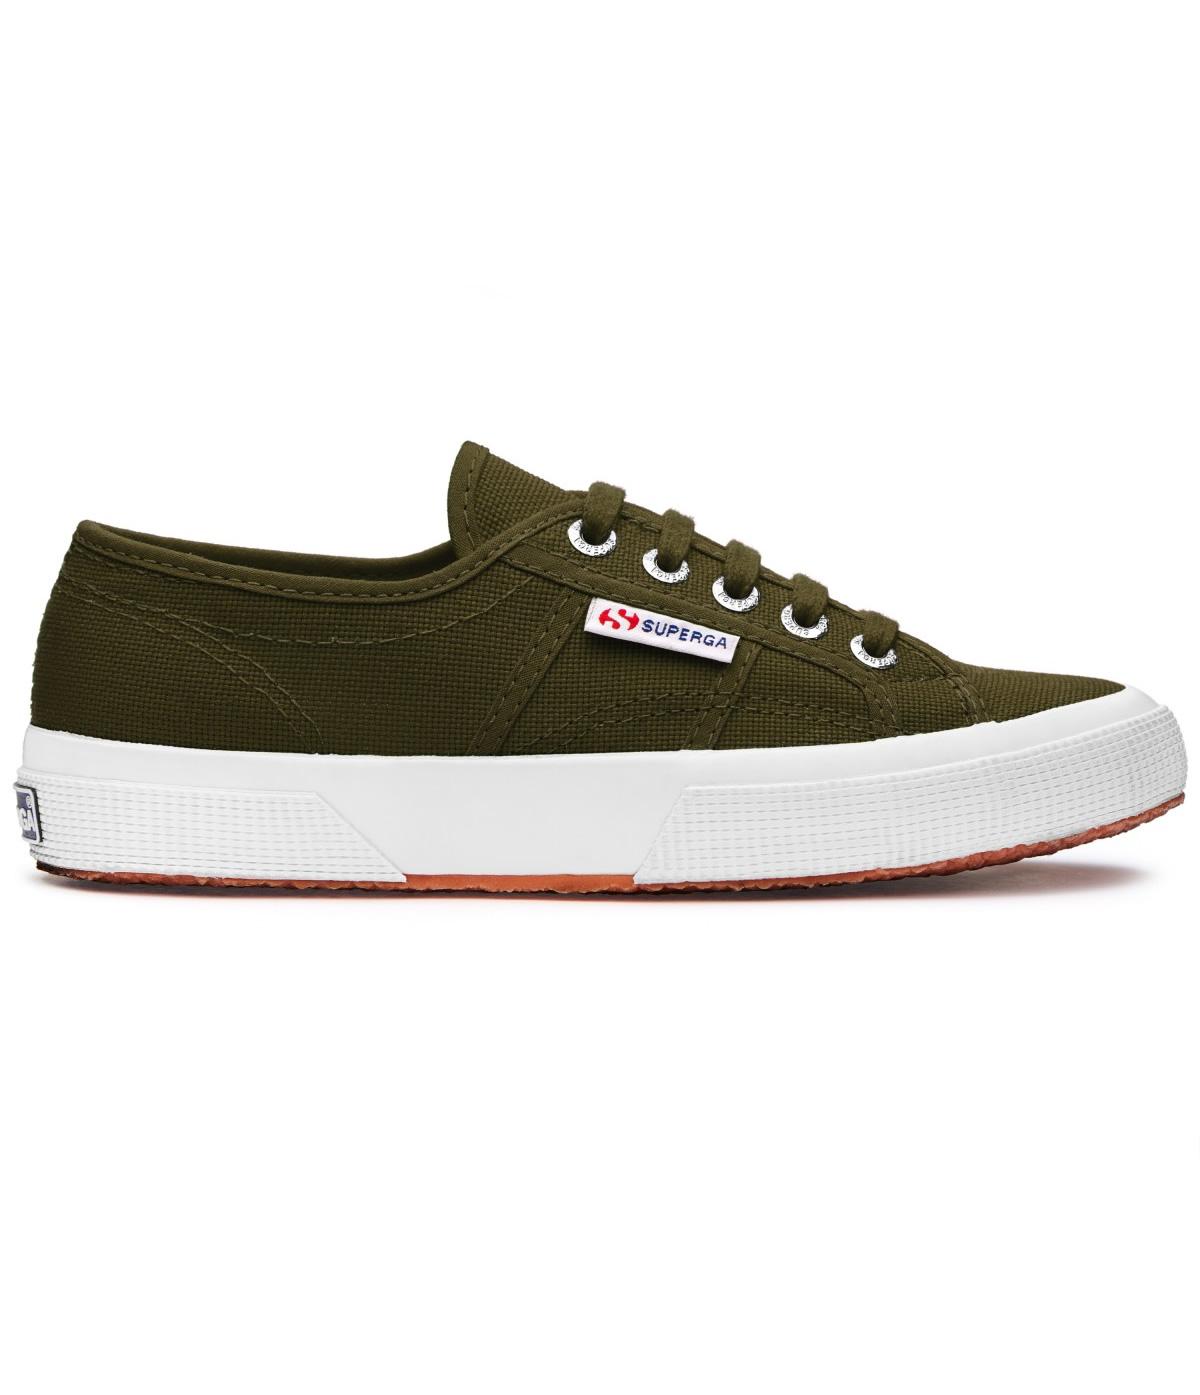 Zapatillas Superga verdes 2750